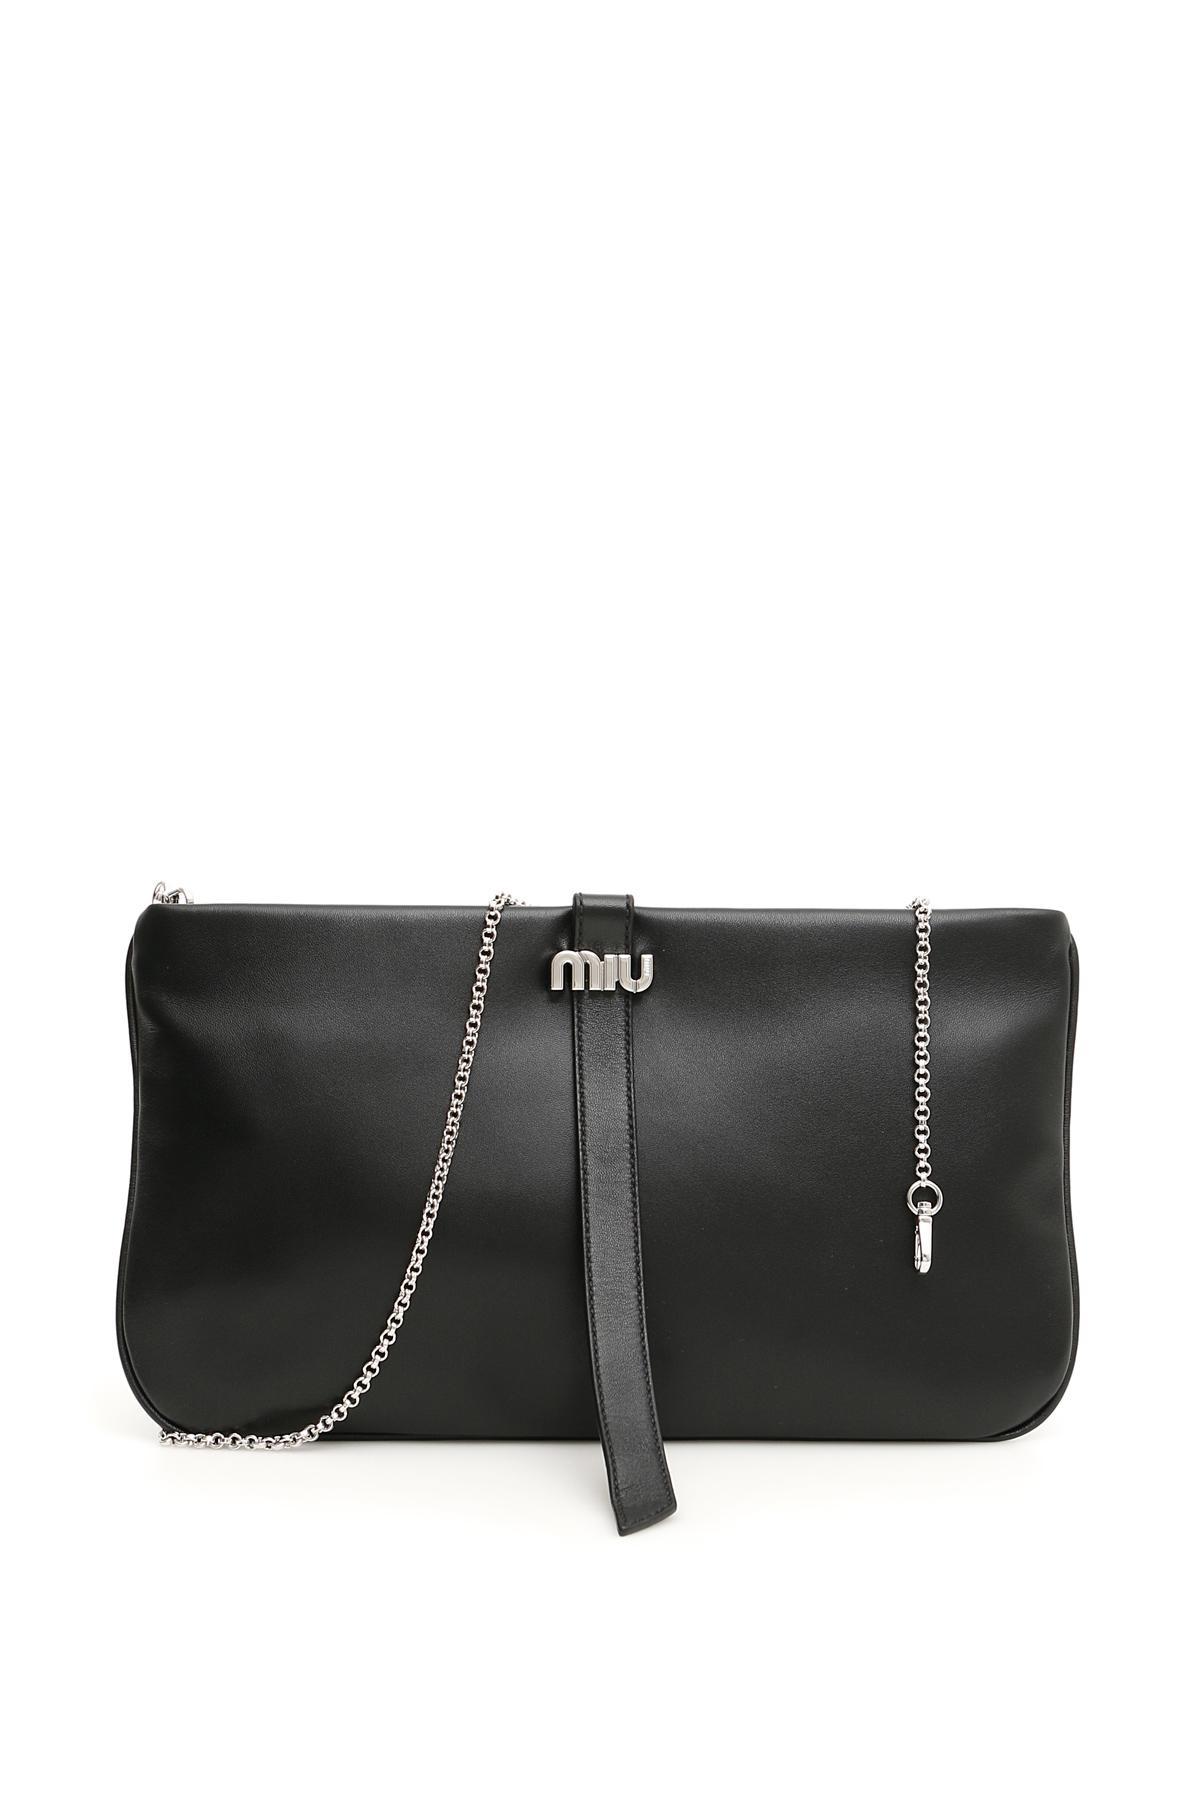 4d121e944ea0 Lyst - Miu Miu Nappa Clutch in Black